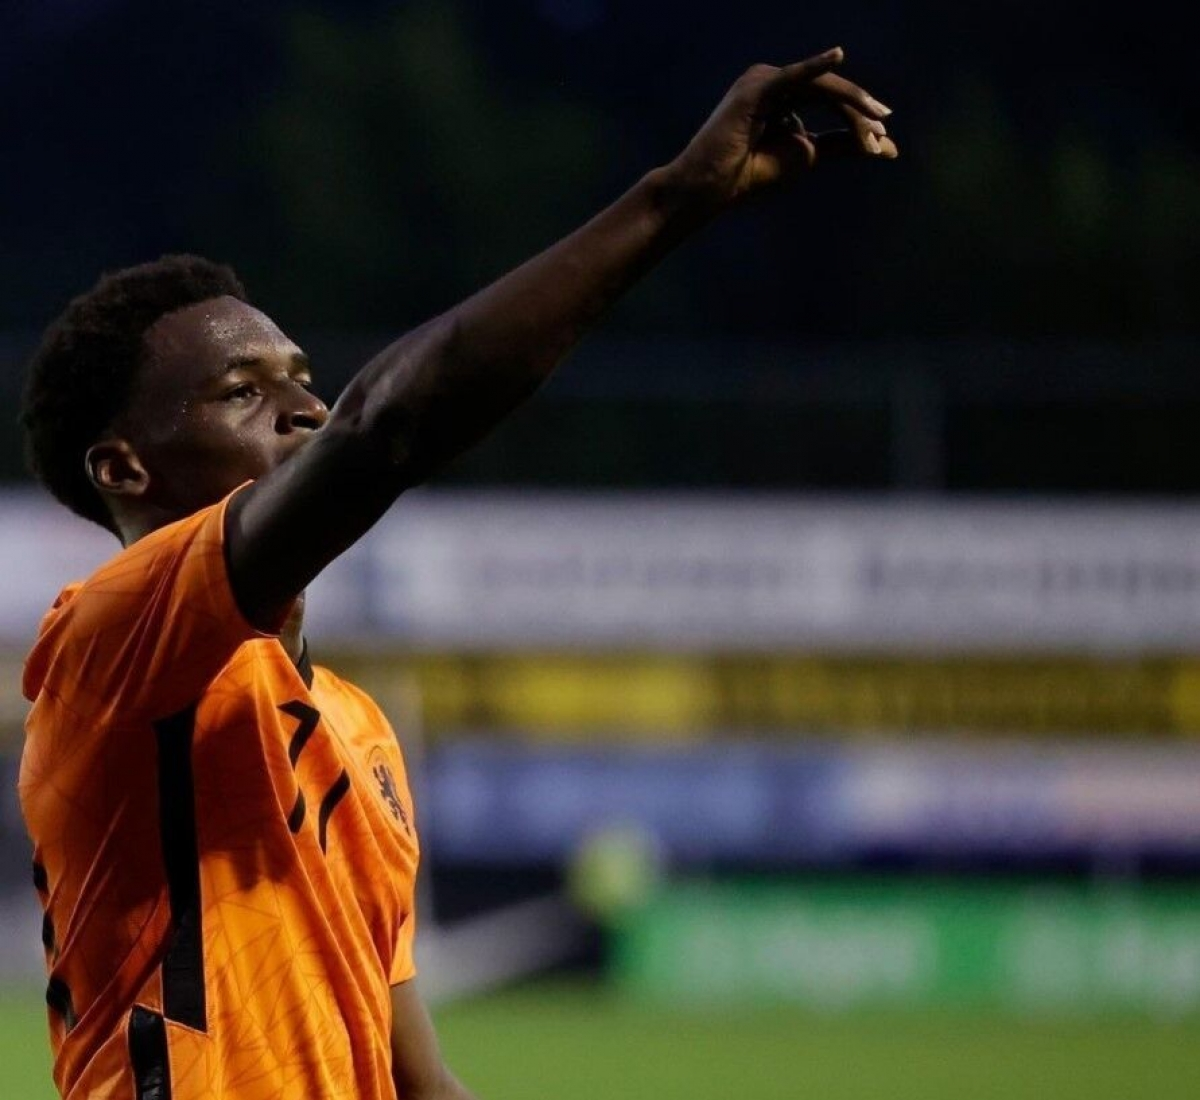 Ernest Poku (AZ Alkmaar / Hà Lan) - Tiền đạo 17 tuổi vừa ra mắt đội một AZ hồi tháng 8. Đến nay cầu thủ này đã có 3 lần ra sân ở giải VĐQG Hà Lan.